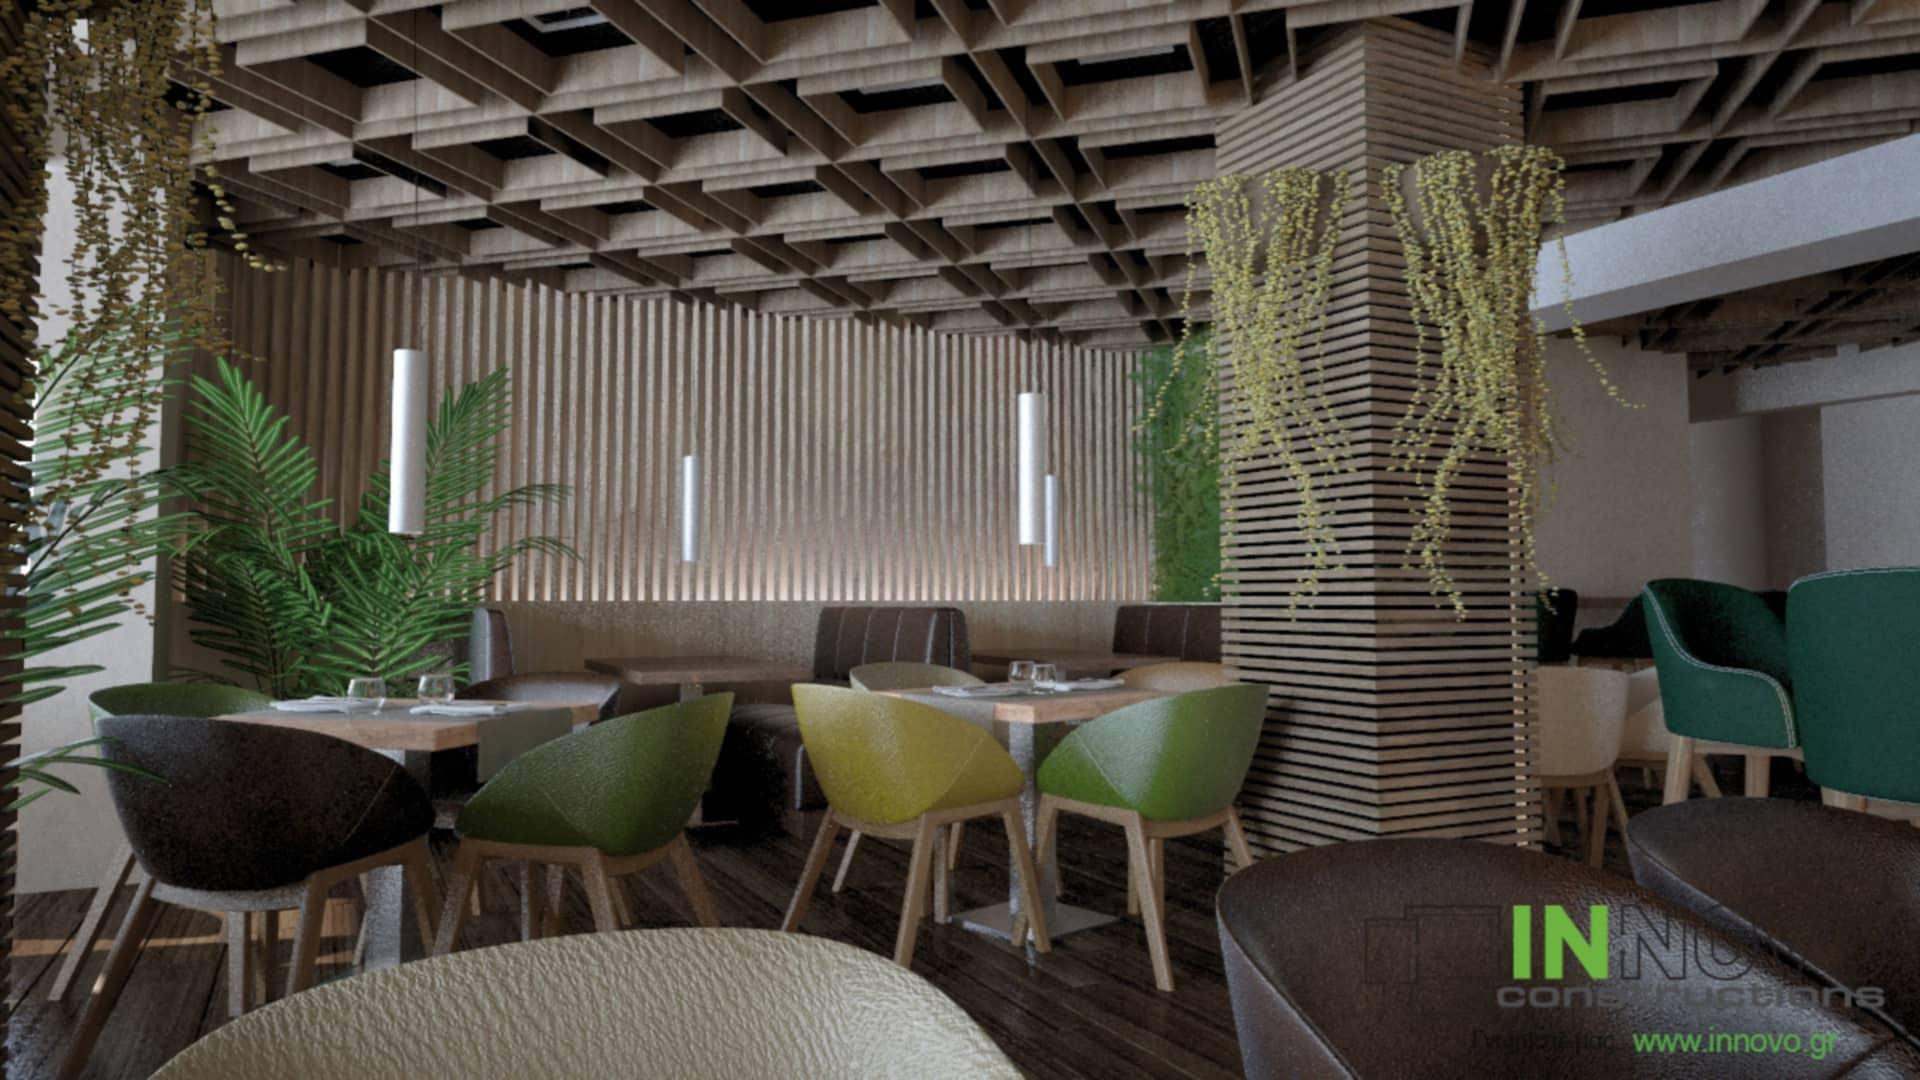 Μελέτη κατασκευής εστιατορίου στον Κορυδαλλό